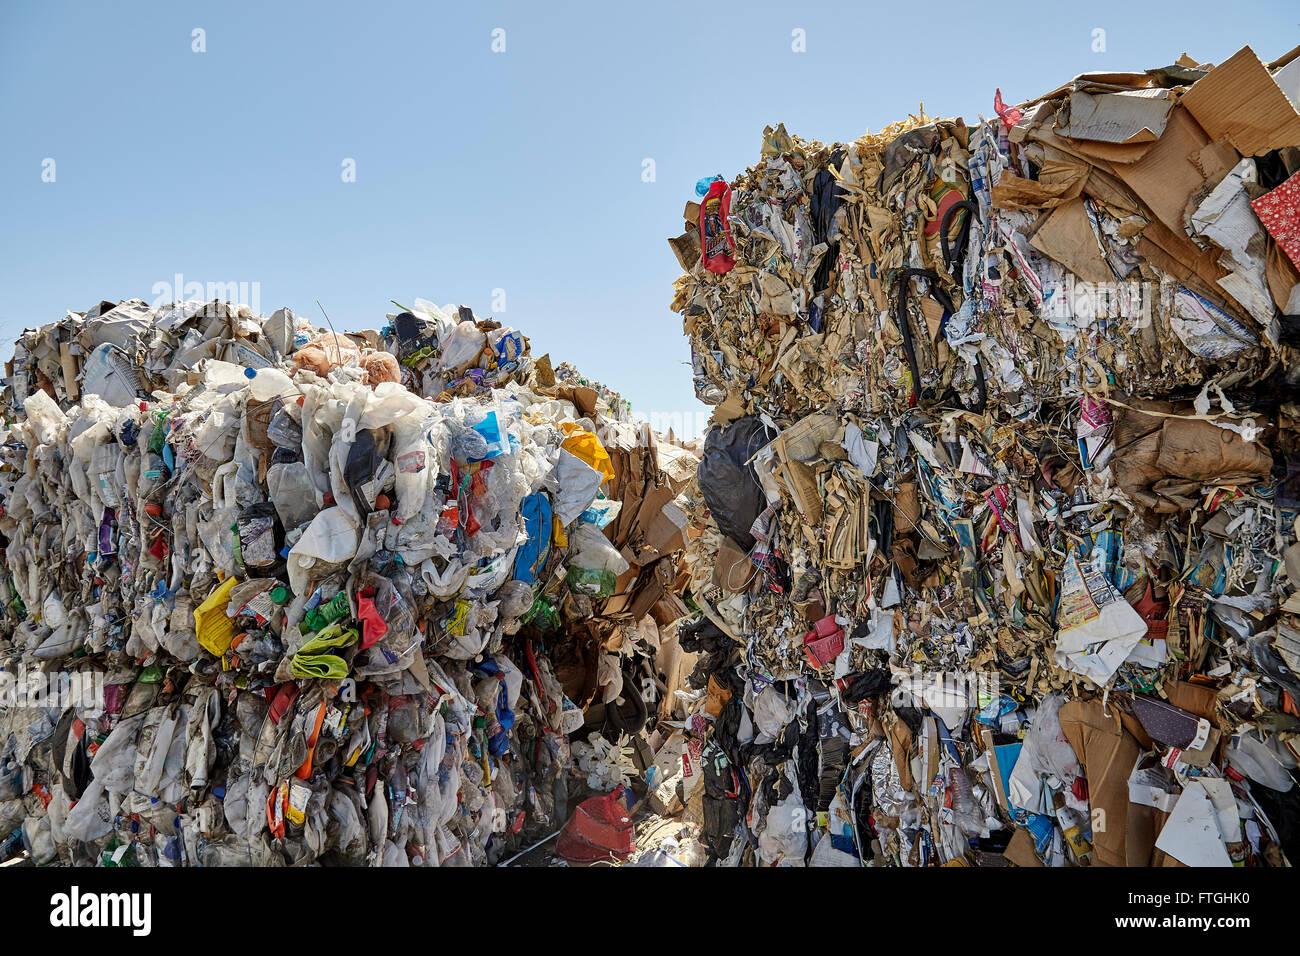 Déchets de plastique balles de papier pour l'industrie de recyclage et d'élimination Photo Stock